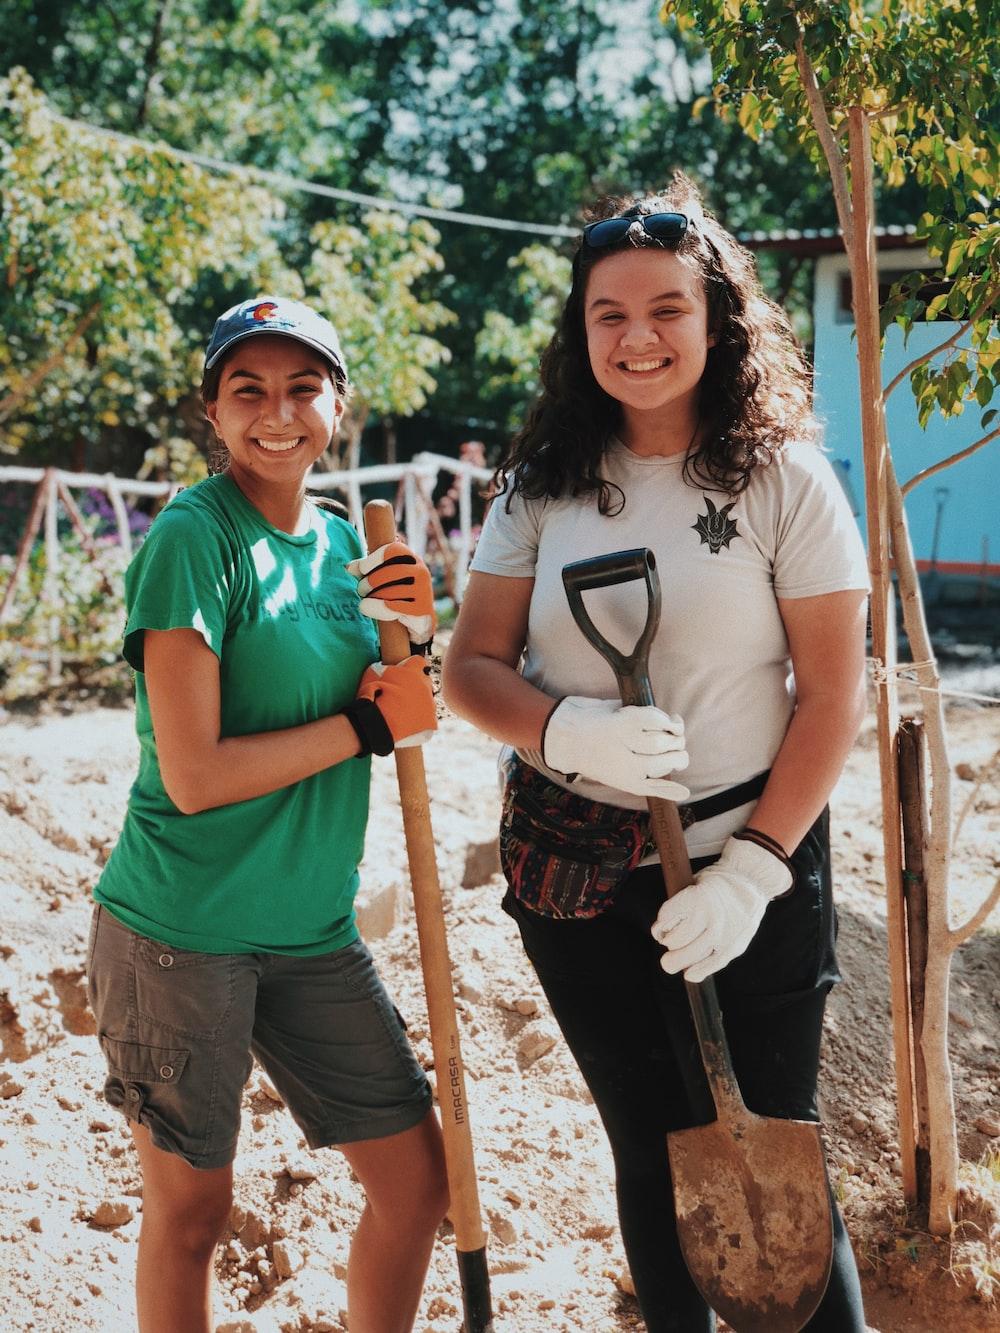 two women holding shovels